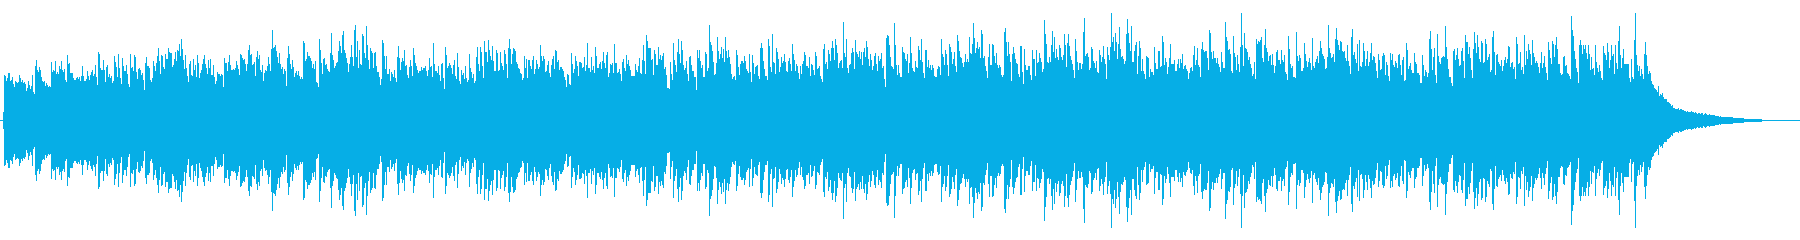 ゆったりほのぼの・自然体の日常BGMの再生済みの波形